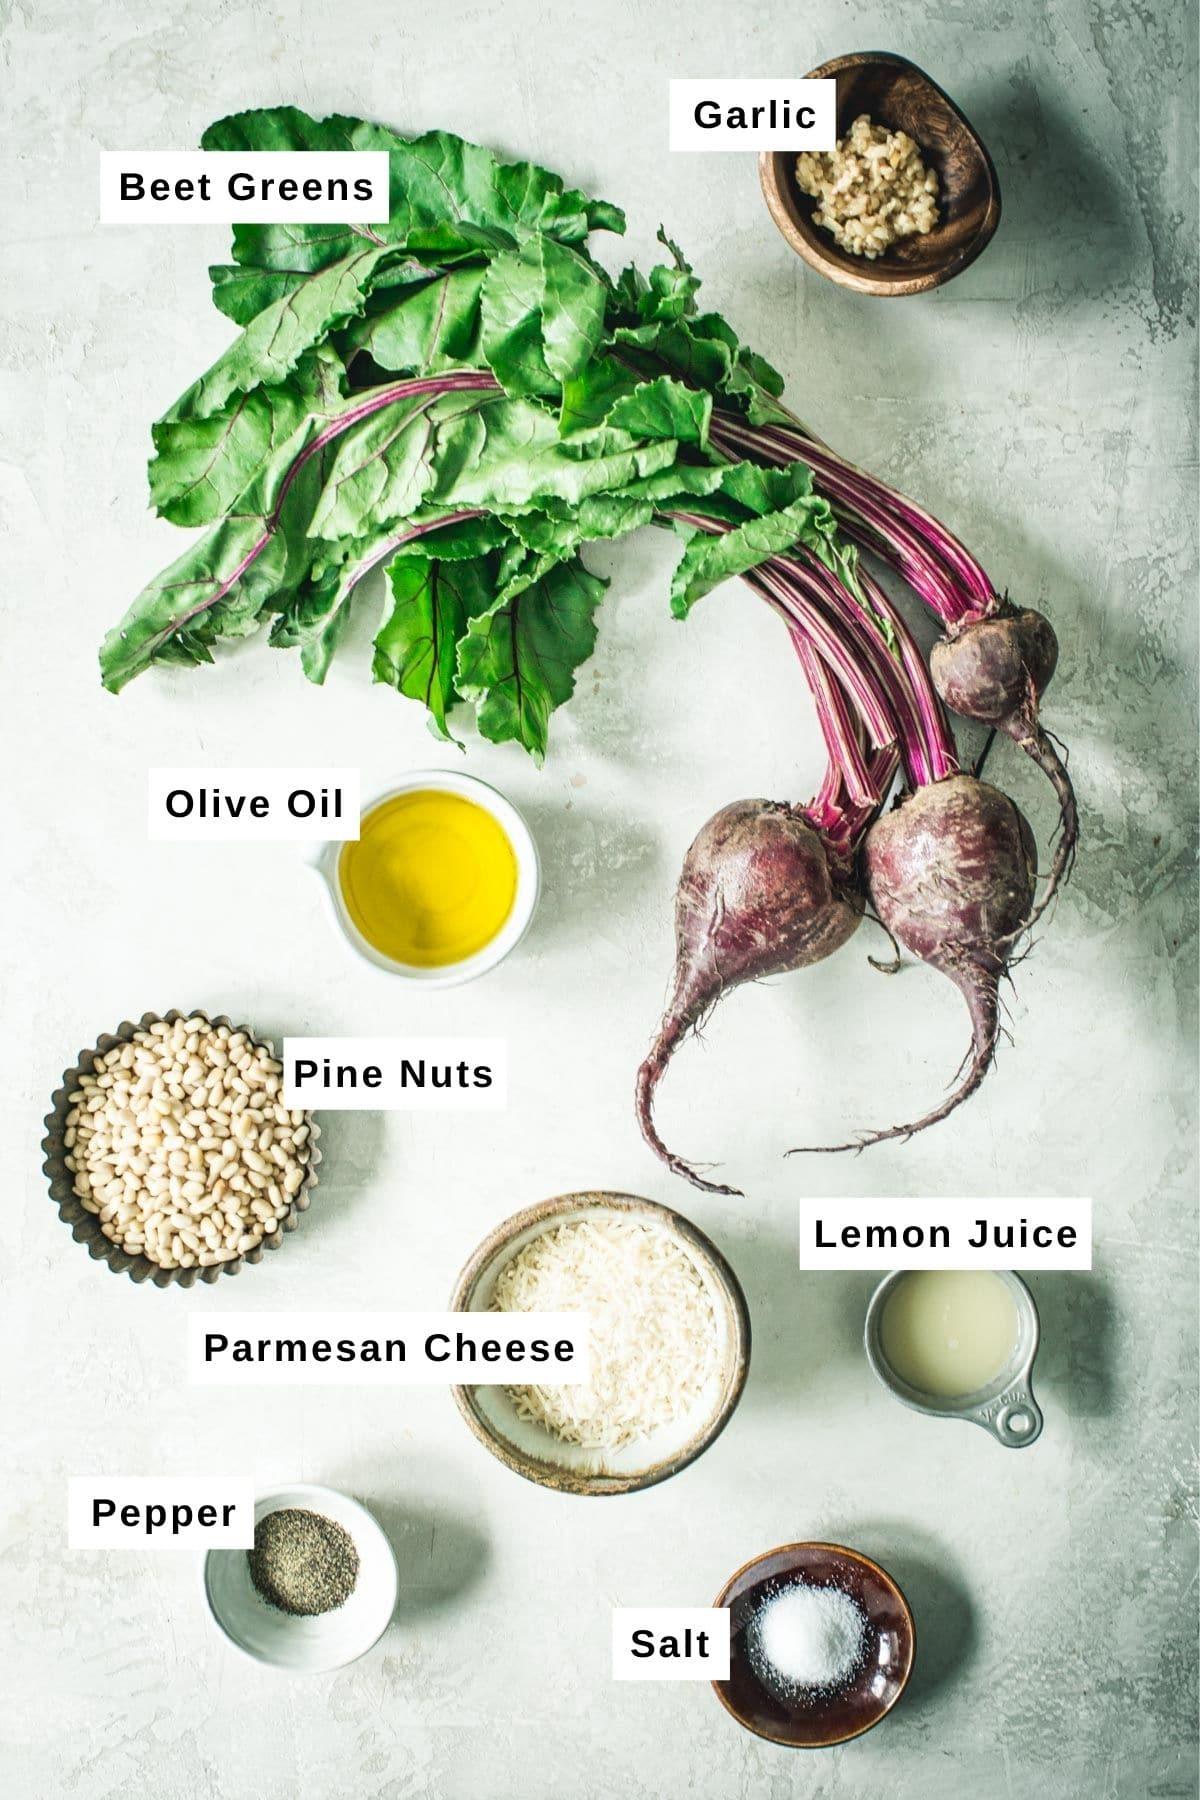 Beet greens pesto ingredients in bowls.